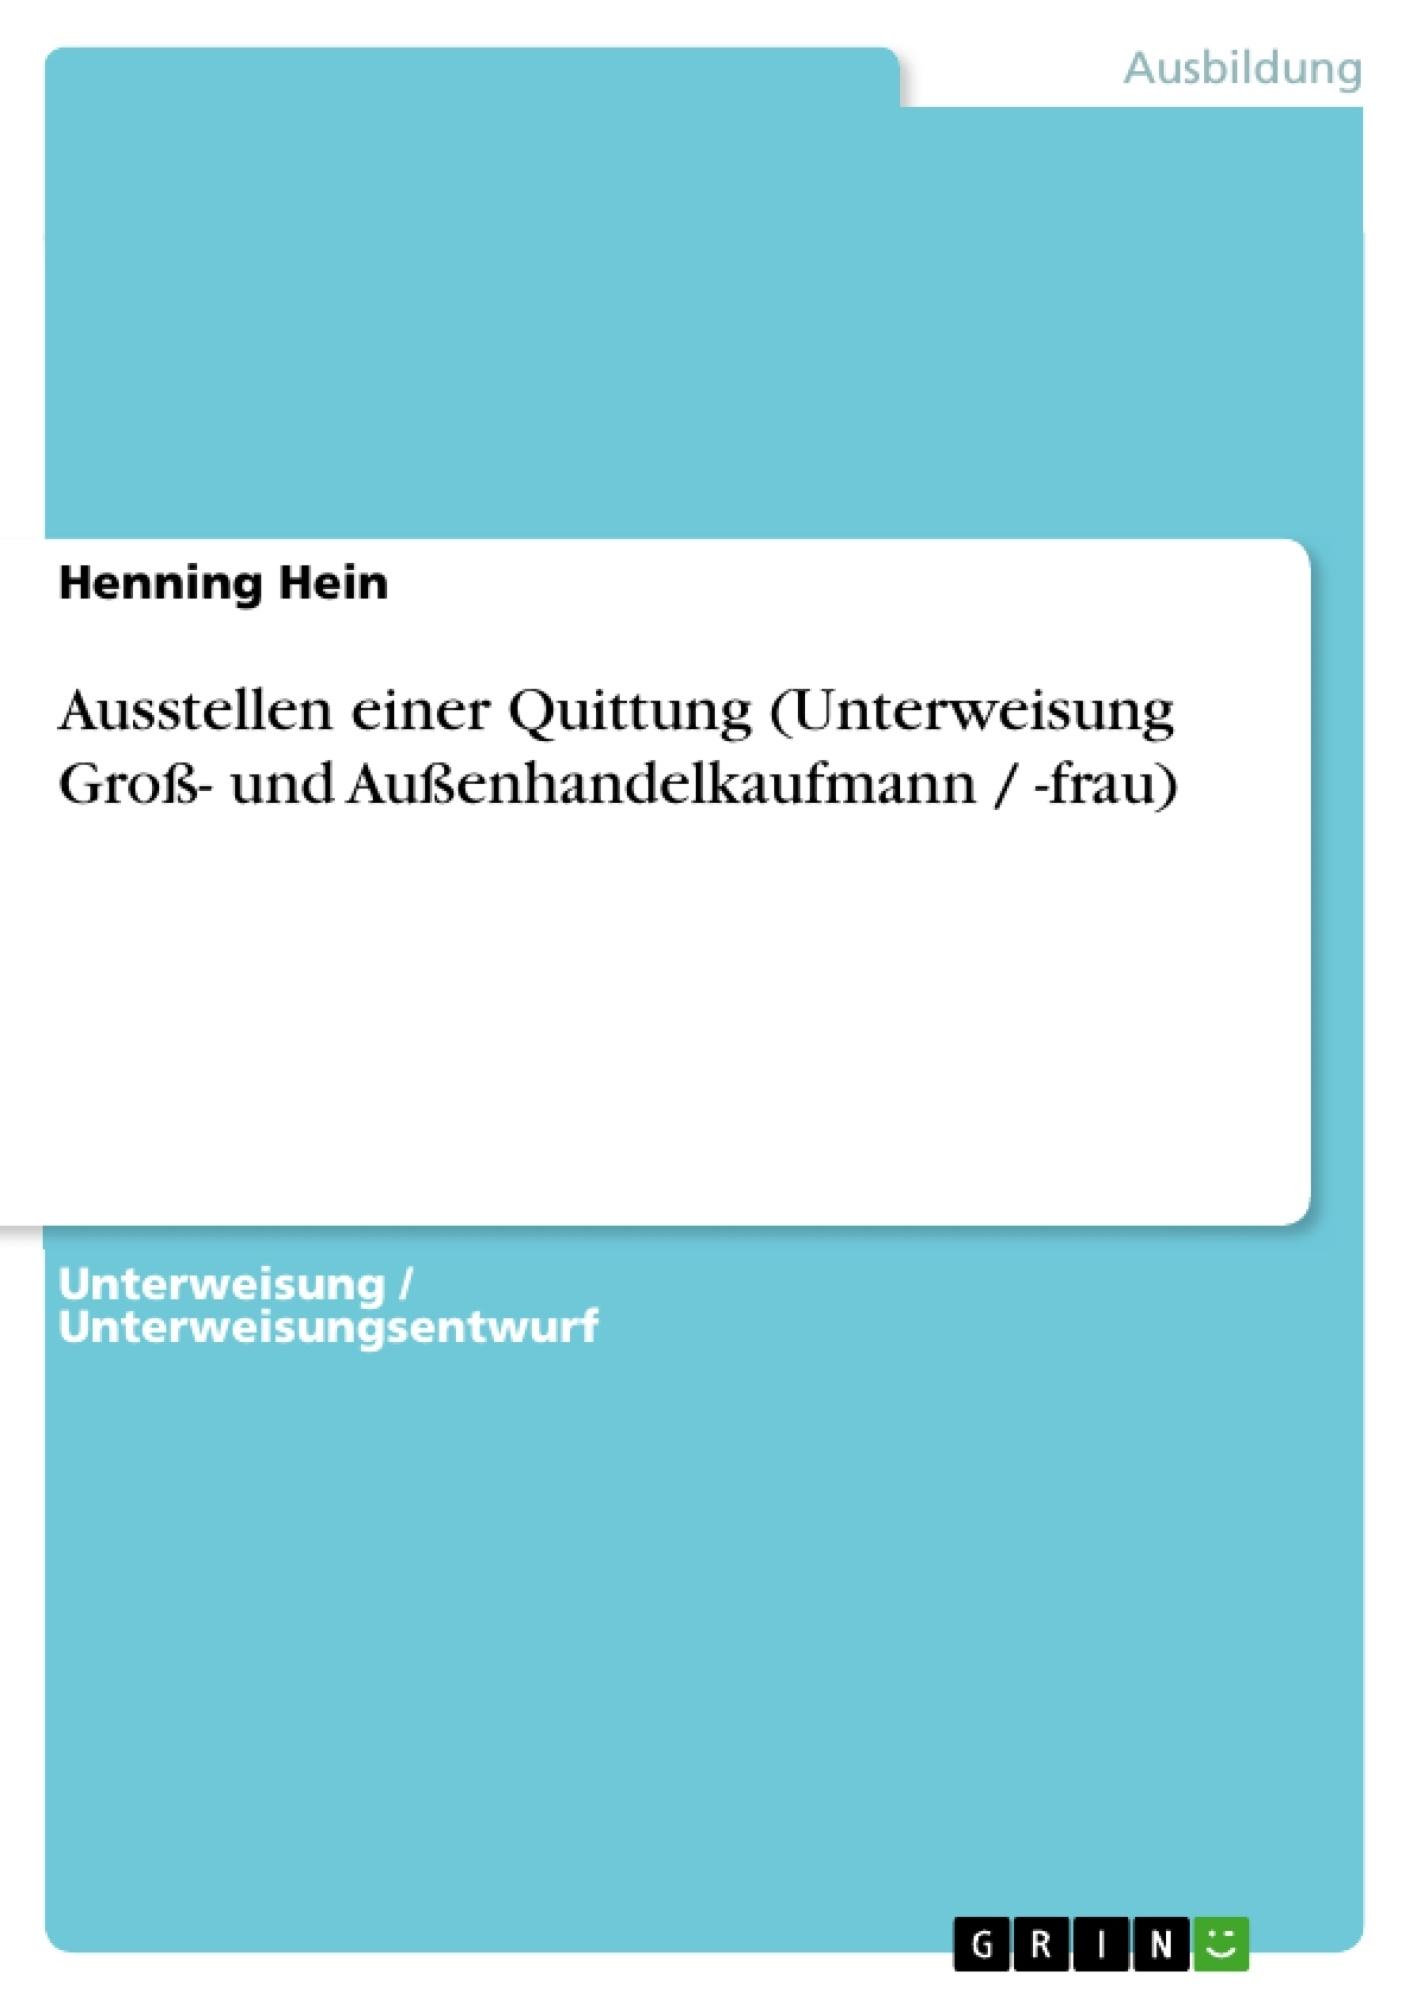 Titel: Ausstellen einer Quittung (Unterweisung Groß- und Außenhandelkaufmann / -frau)